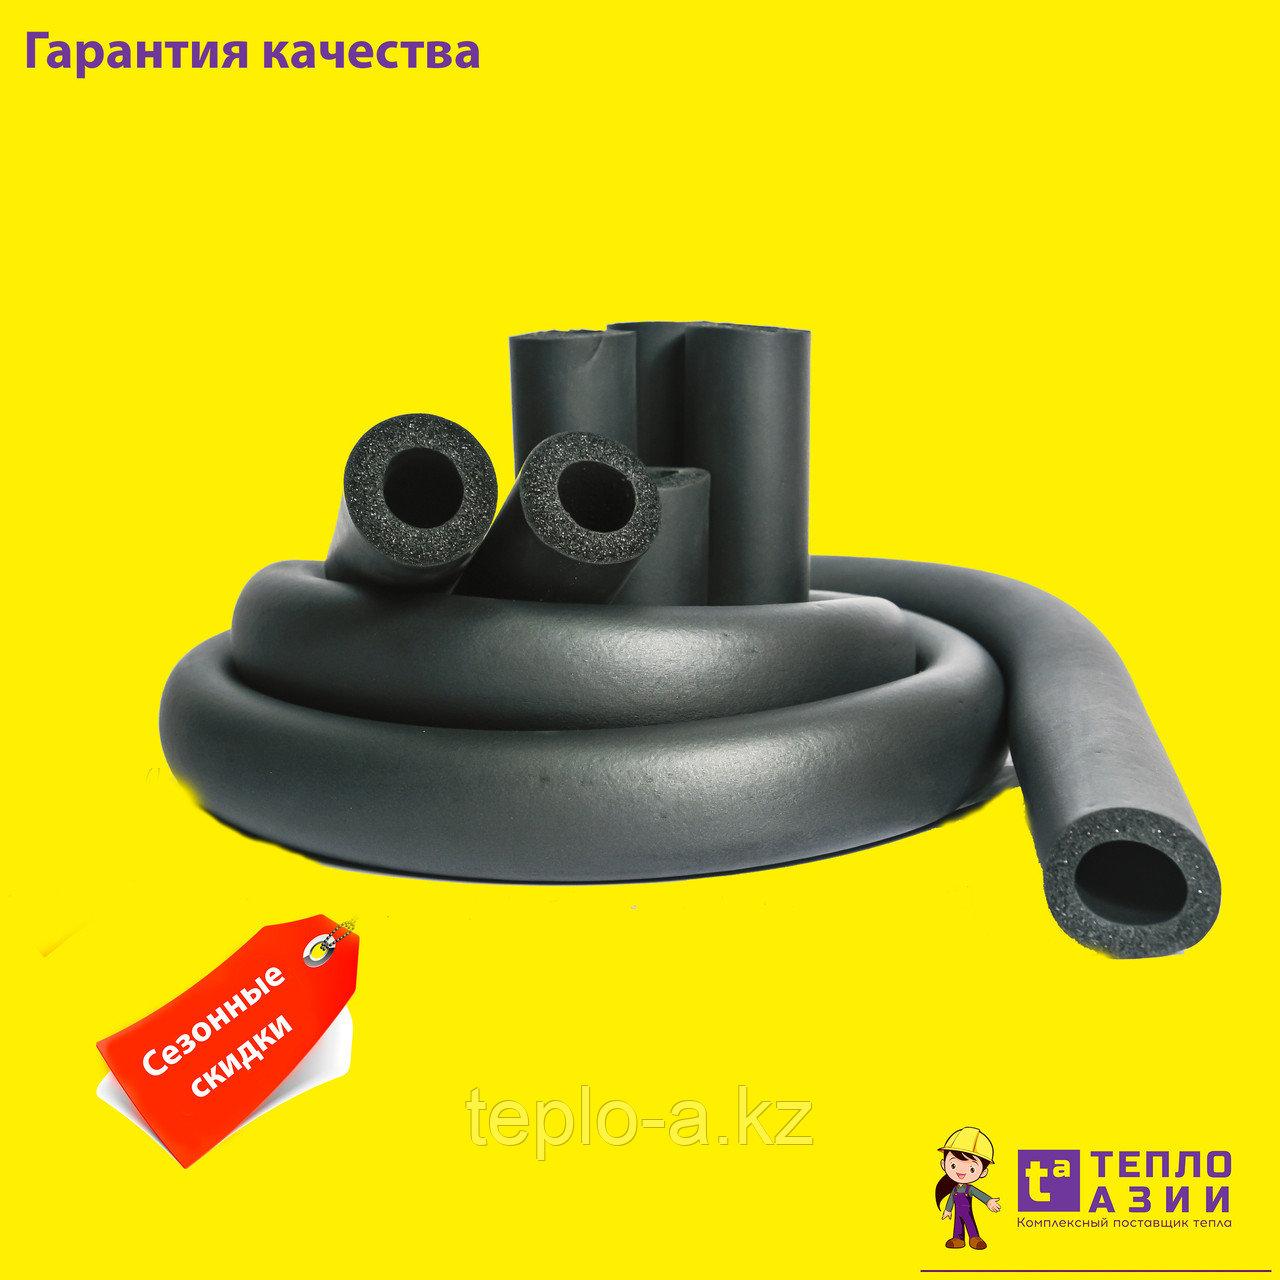 Каучуковая трубчатая изоляция Misot-Flex St  9 *89 mm.